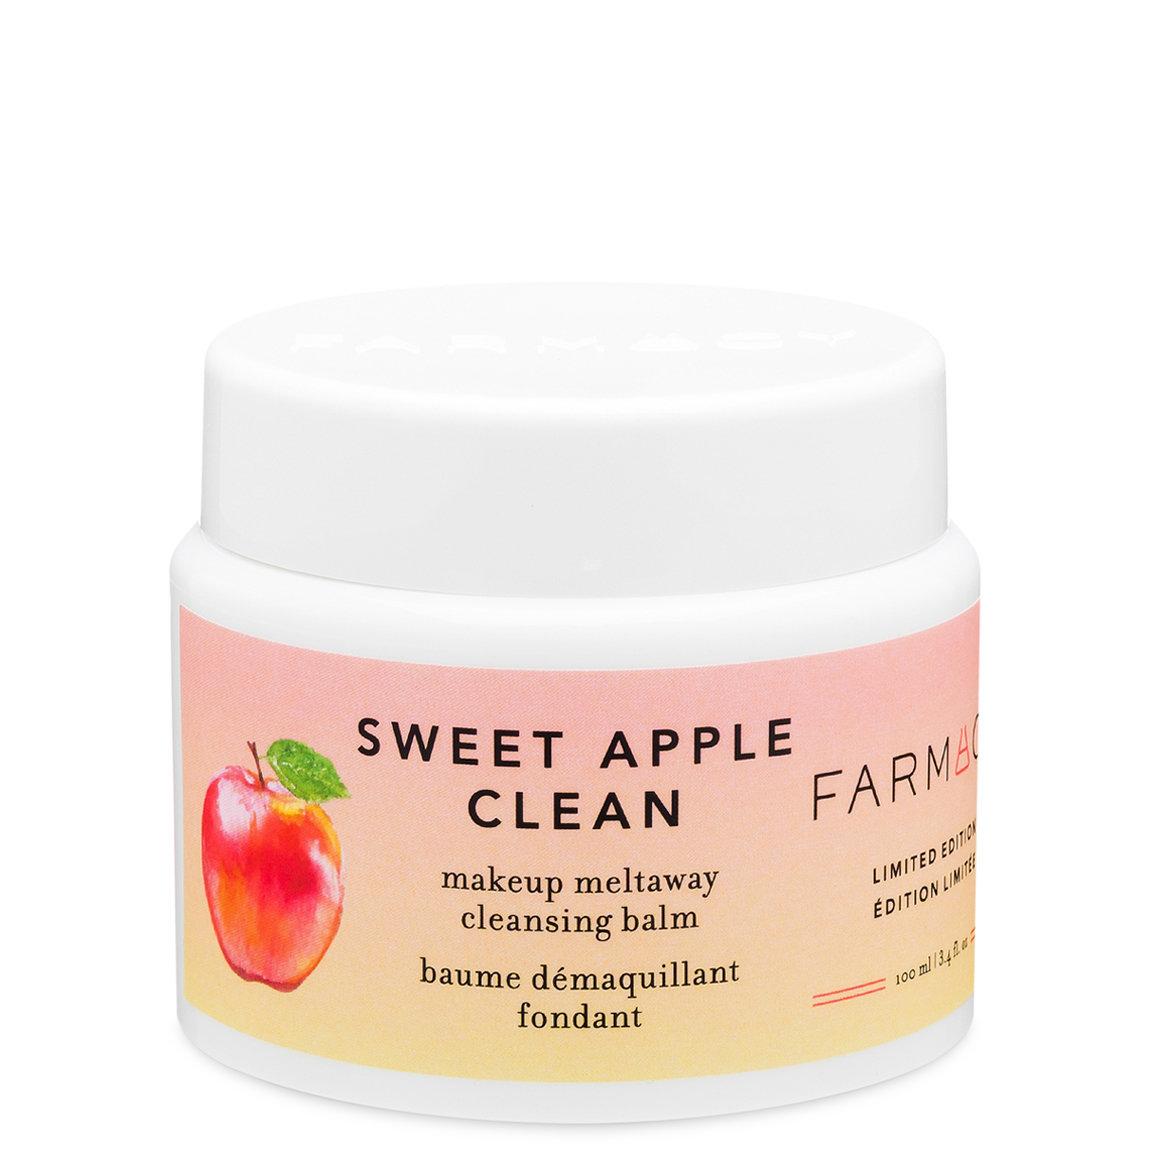 Farmacy Sweet Apple Clean alternative view 1.